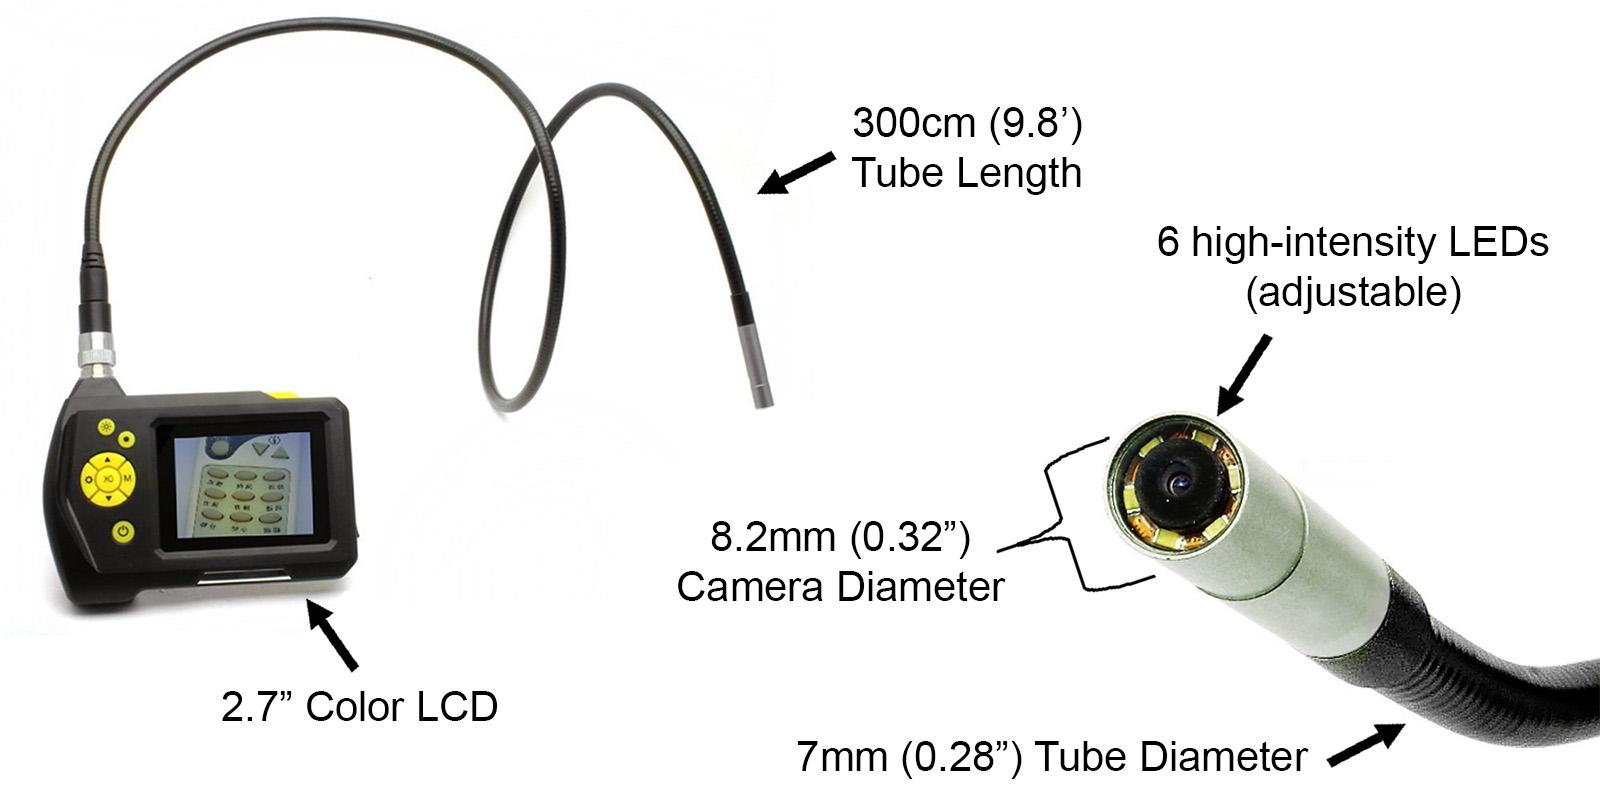 dbpower endoscope details